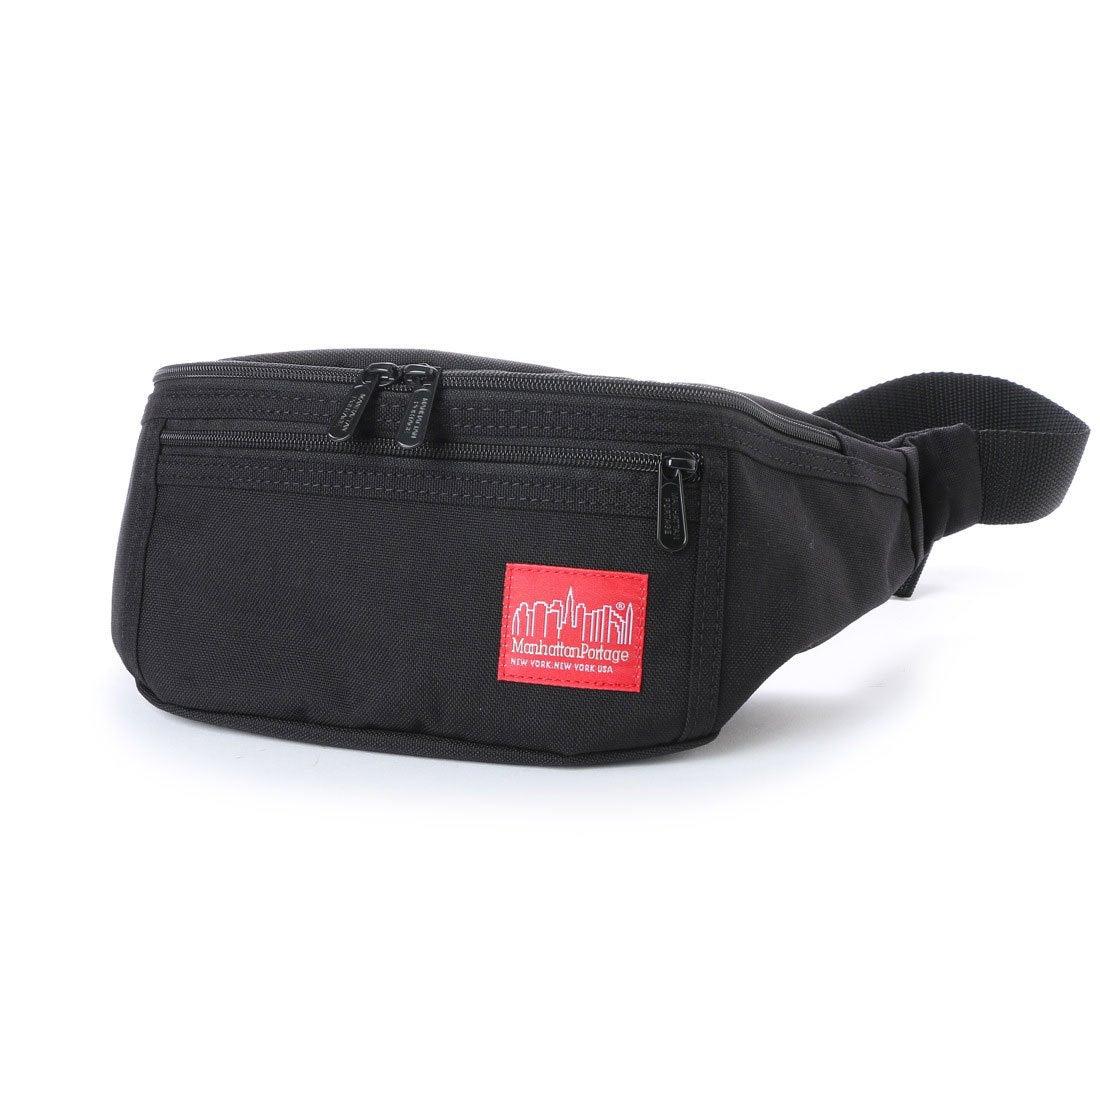 マンハッタンポーテージ Manhattan Portage Alleycat Waist Bag (Black)